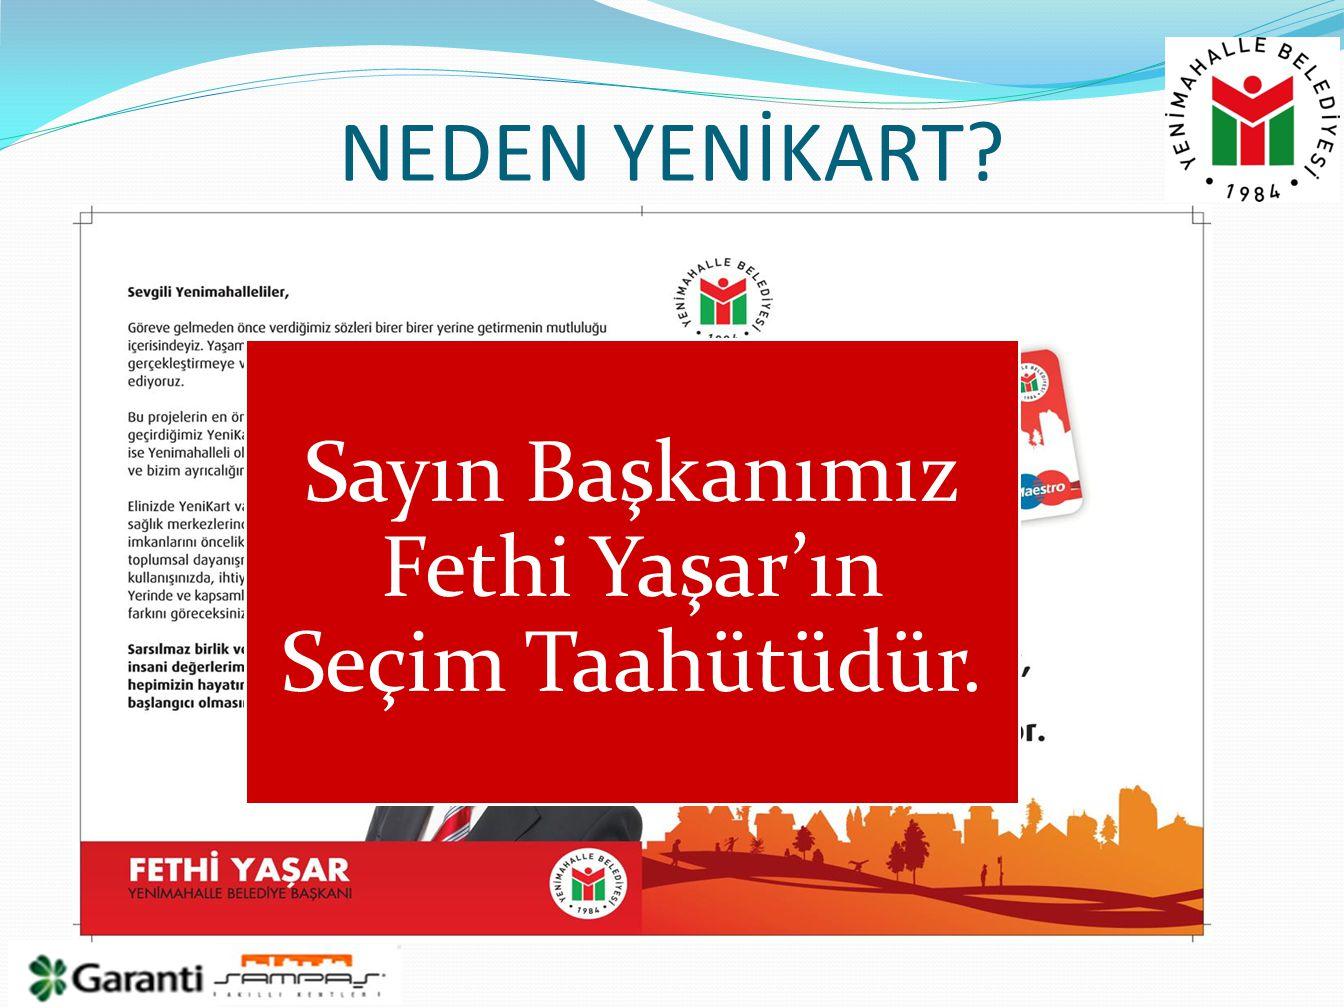 Sayın Başkanımız Fethi Yaşar'ın Seçim Taahütüdür.